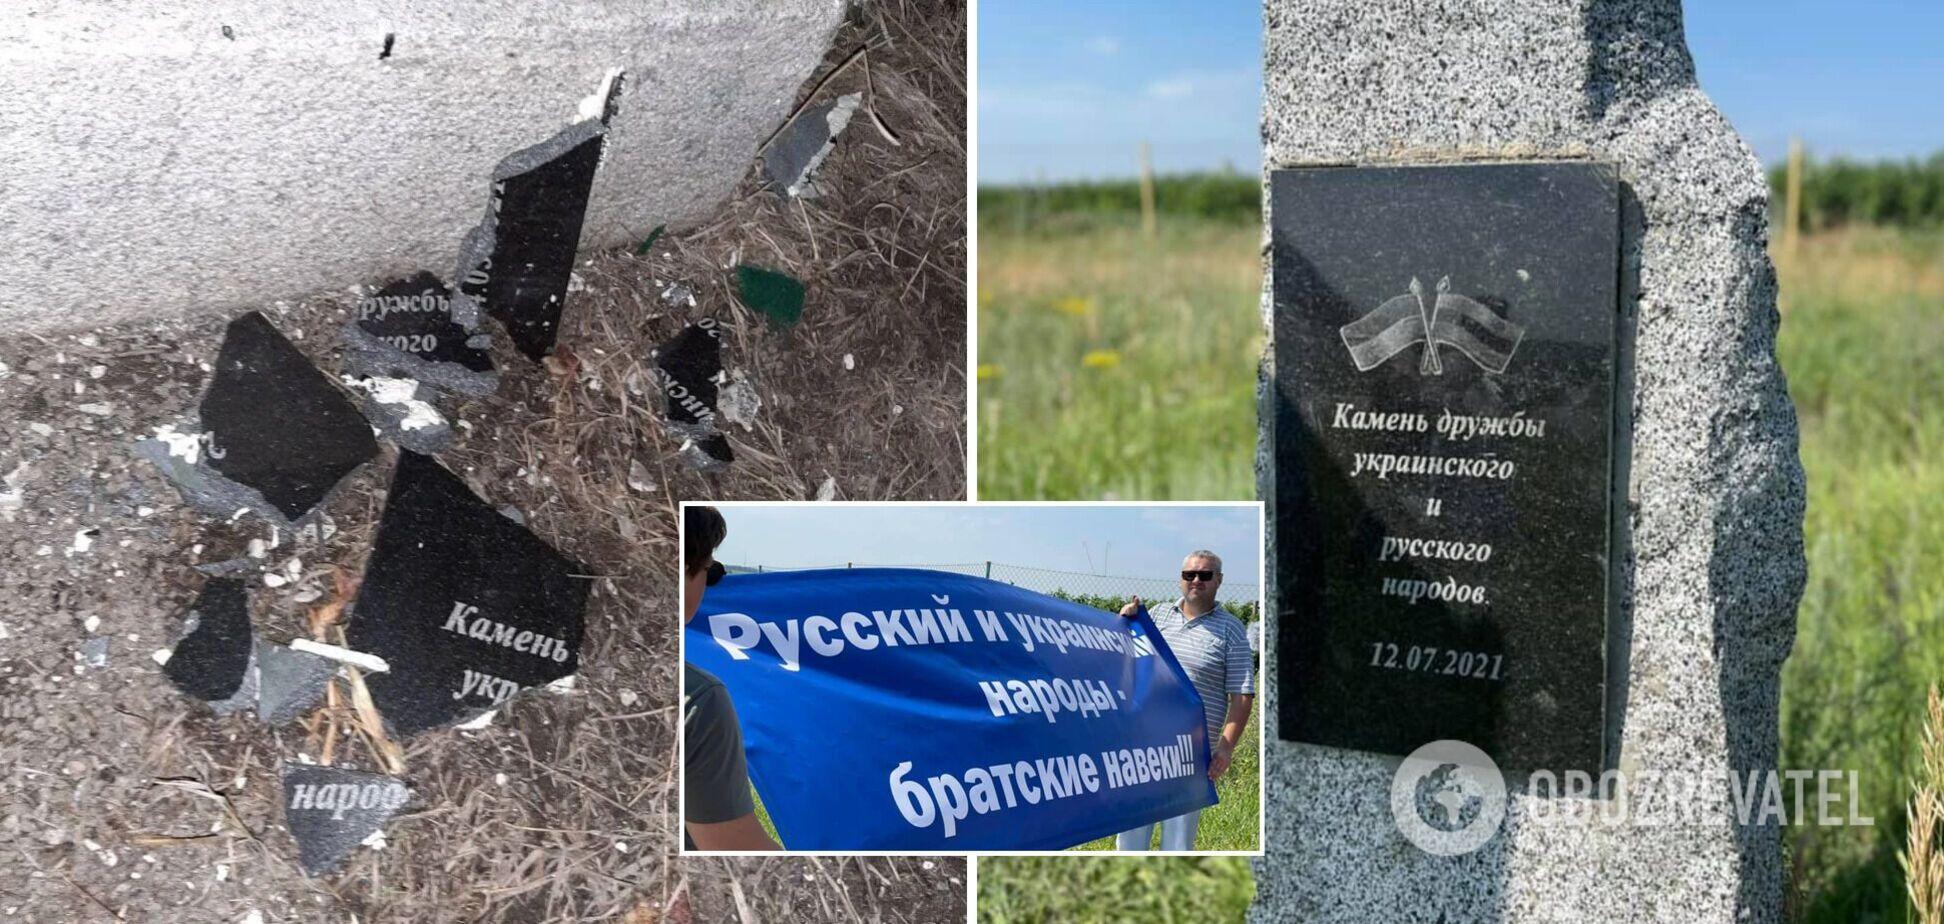 Под Харьковом ОПЗЖ восстановила камень 'дружбы народов' Украины и РФ: его разбили в тот же день